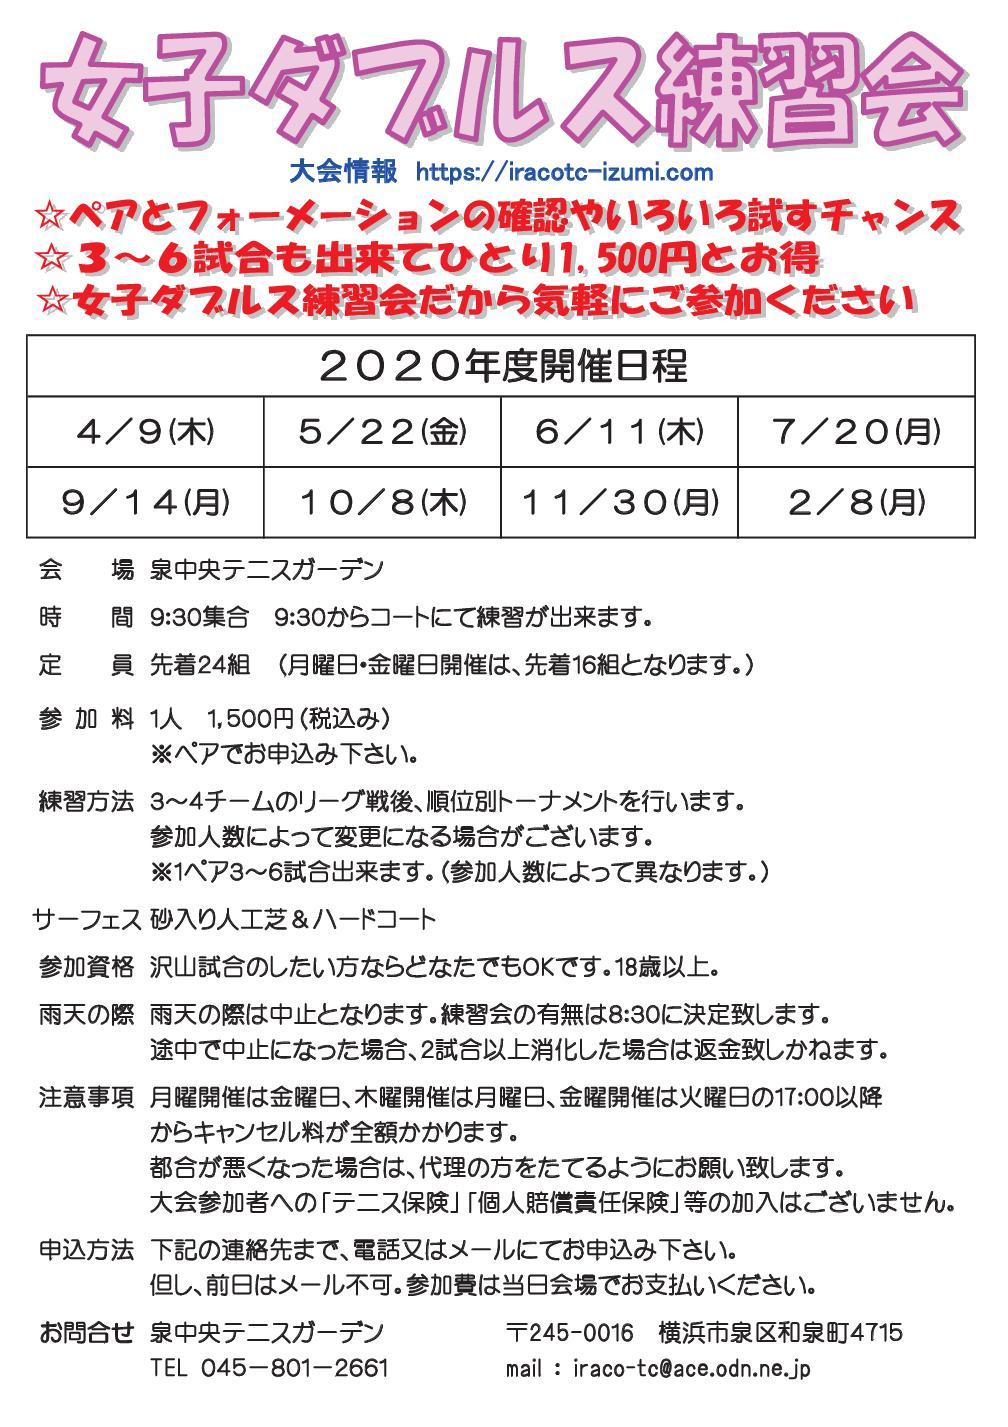 07 - 🚺🚺「女子ダブルス練習会」(月曜日・木曜日・金曜日)